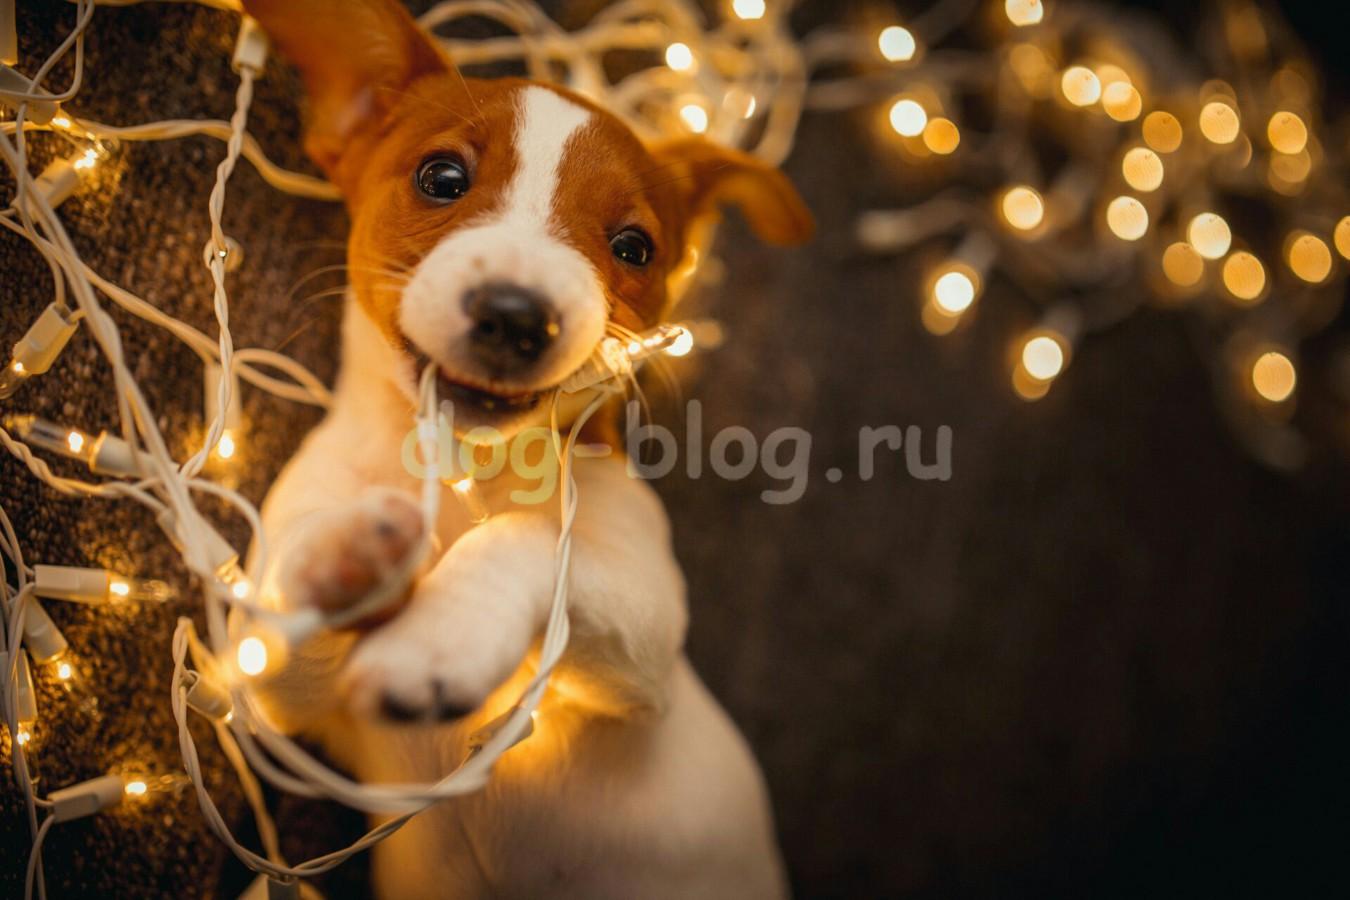 щенок с гирляндой